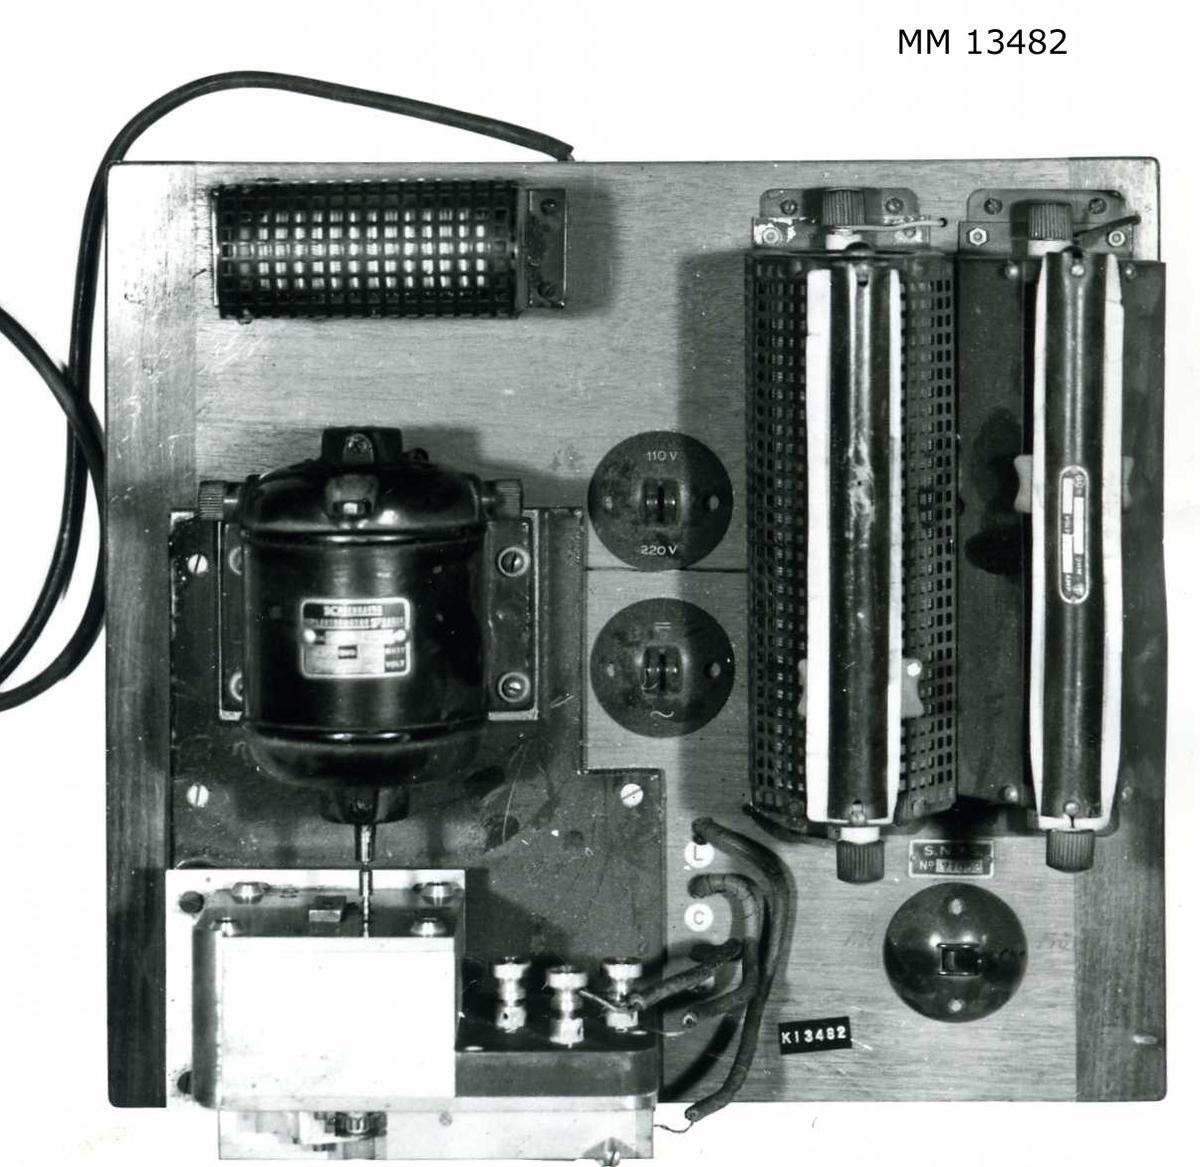 Transmitter (remssändare), automatisk telegrafapparat. Monterad på en platta av mahogny med sändare, motor, reglerbart motstånd och strömbrytare. Märkning: S.N.T.S. 71053